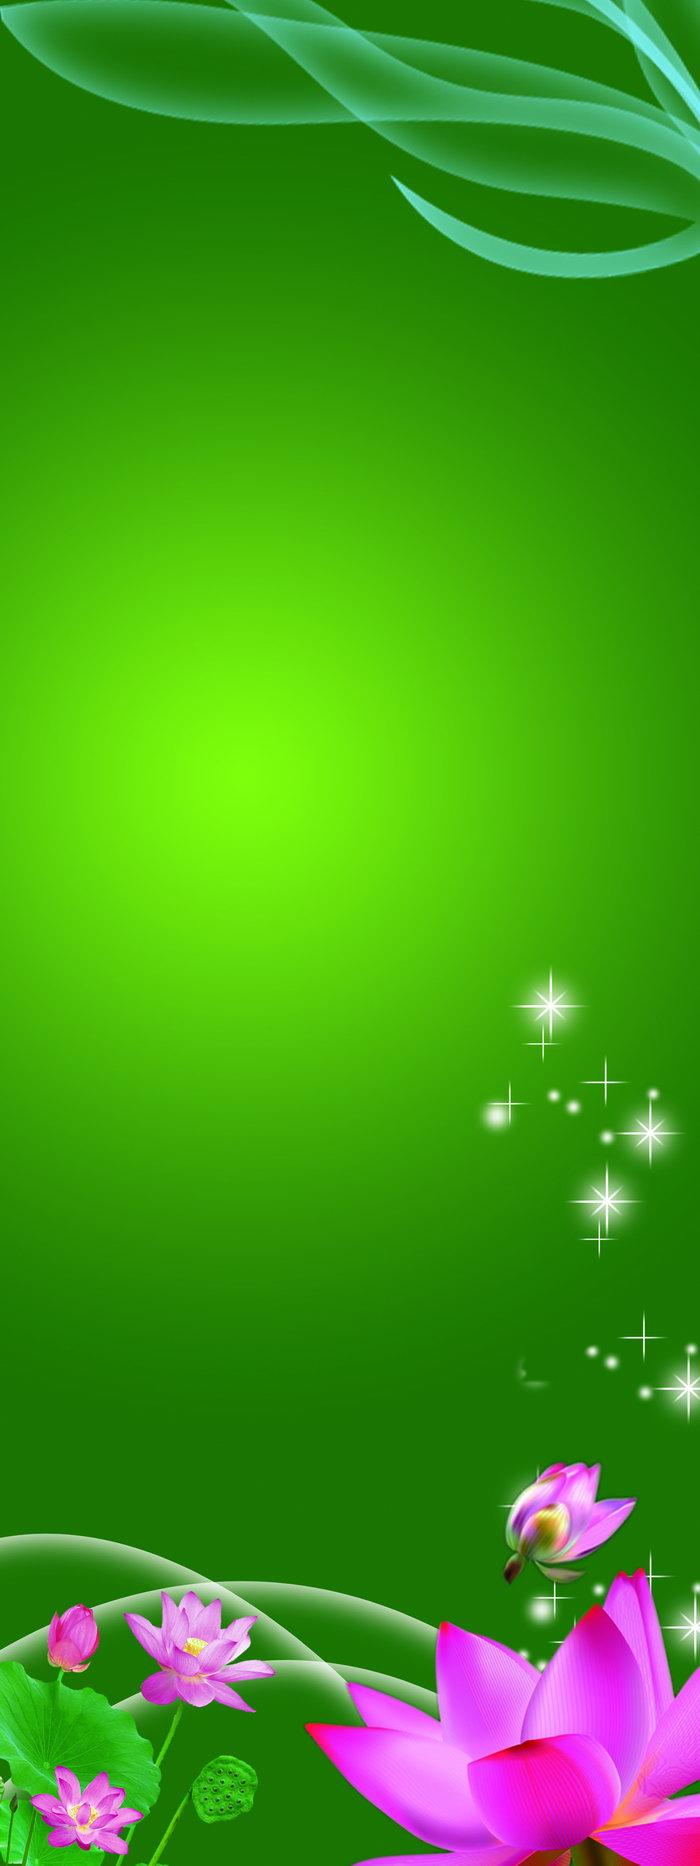 荷花绿色背景图片,荷花绿色背景